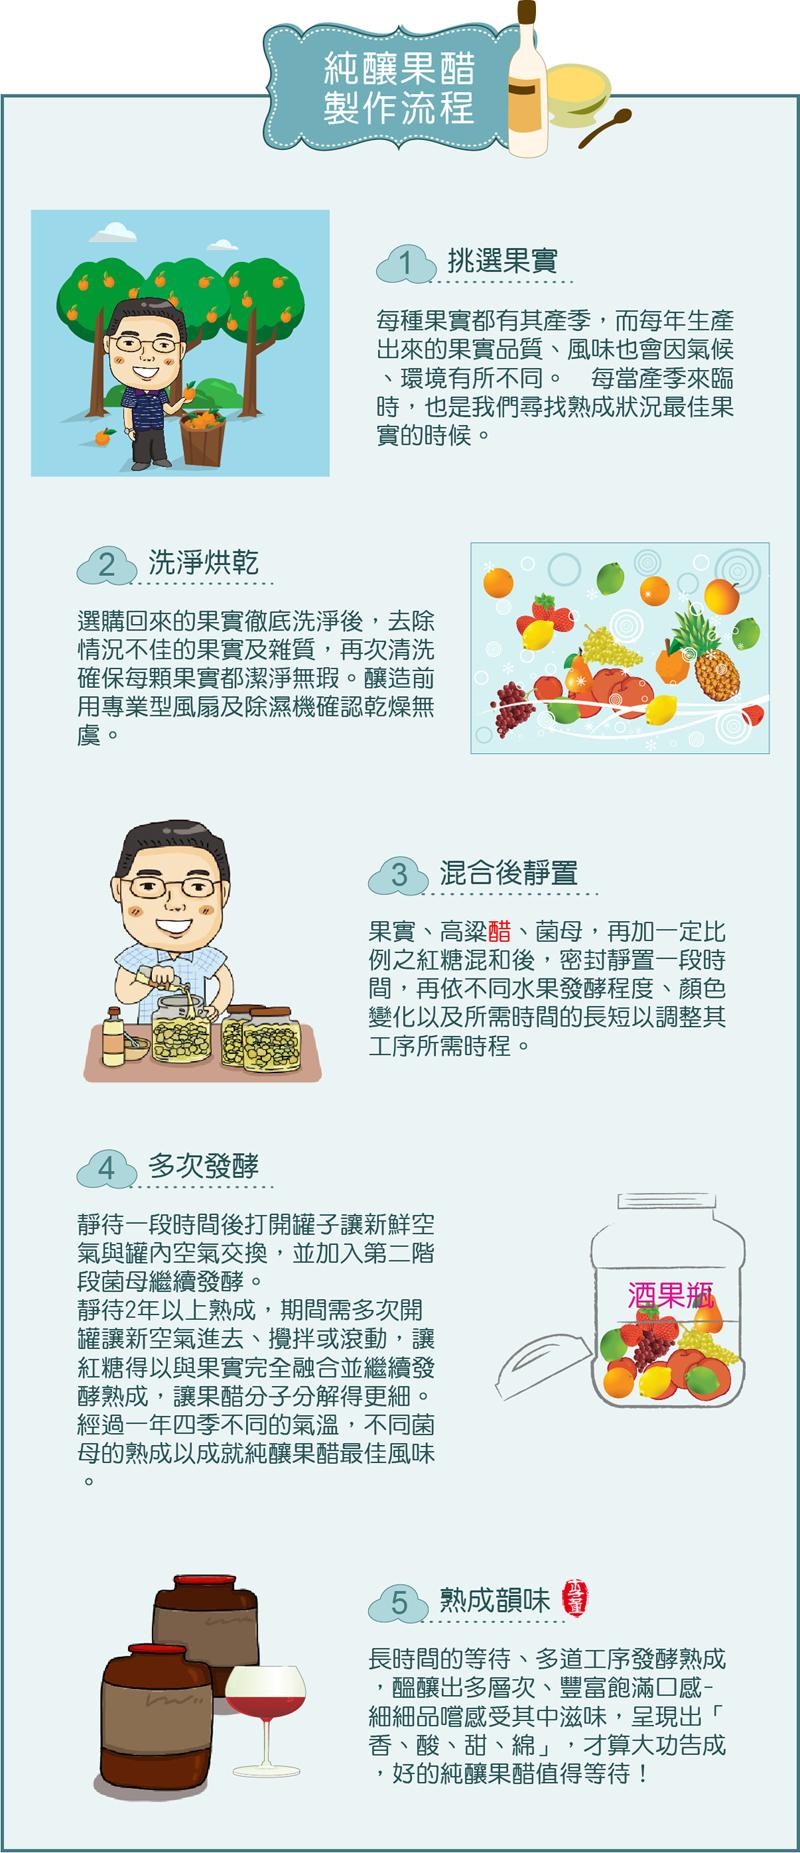 果醋製作流程